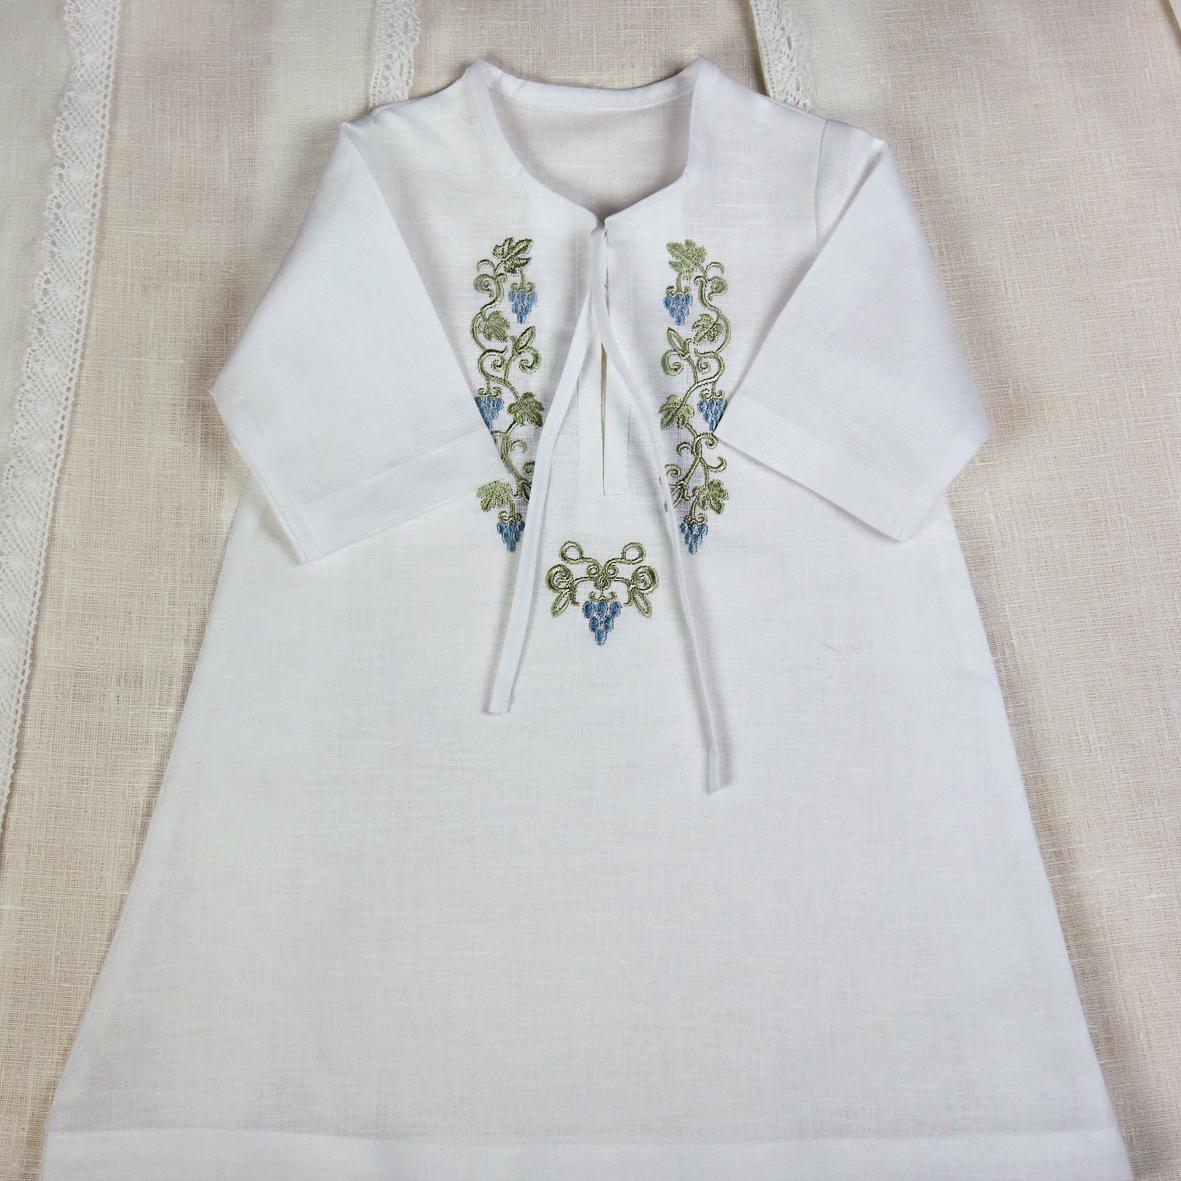 Крестильная рубашка своими руками фото